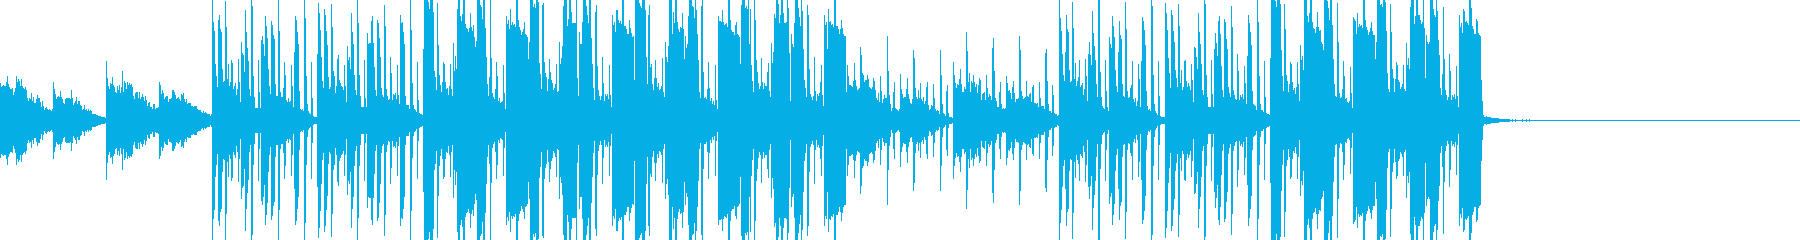 レトロ ビンテージ ピアノ ベース...の再生済みの波形